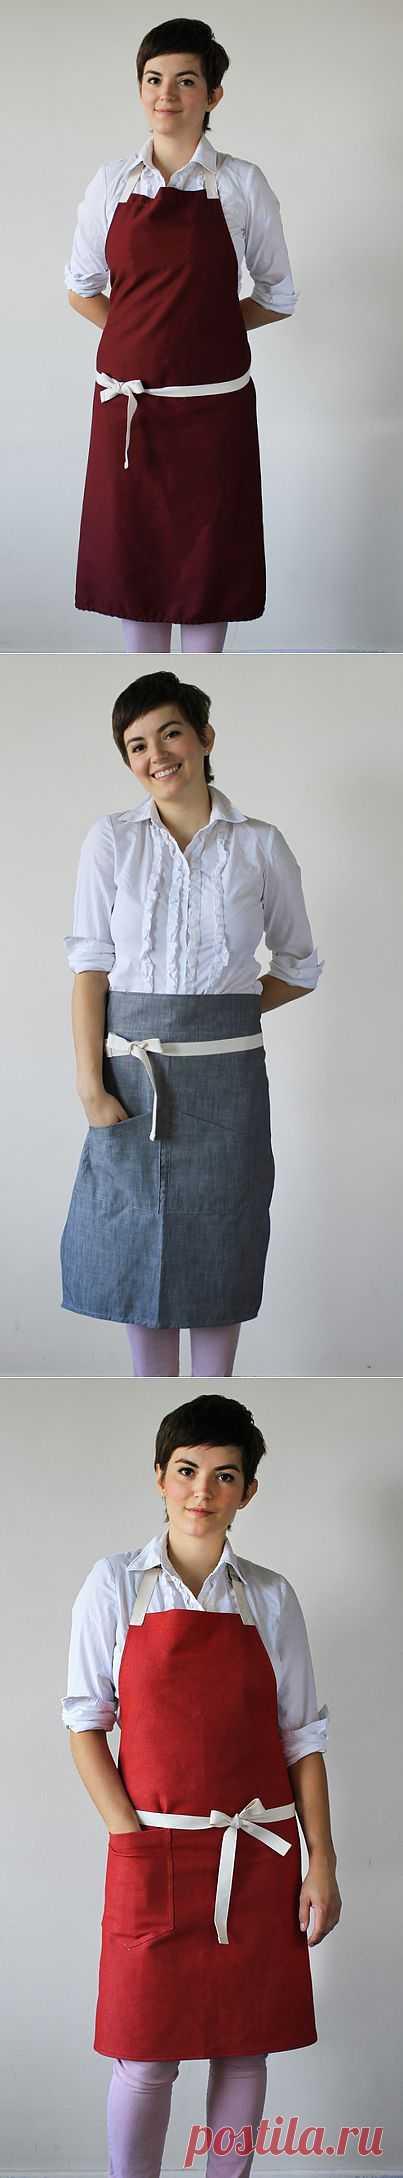 Мода для поваров / Декор / Модный сайт о стильной переделке одежды и интерьера